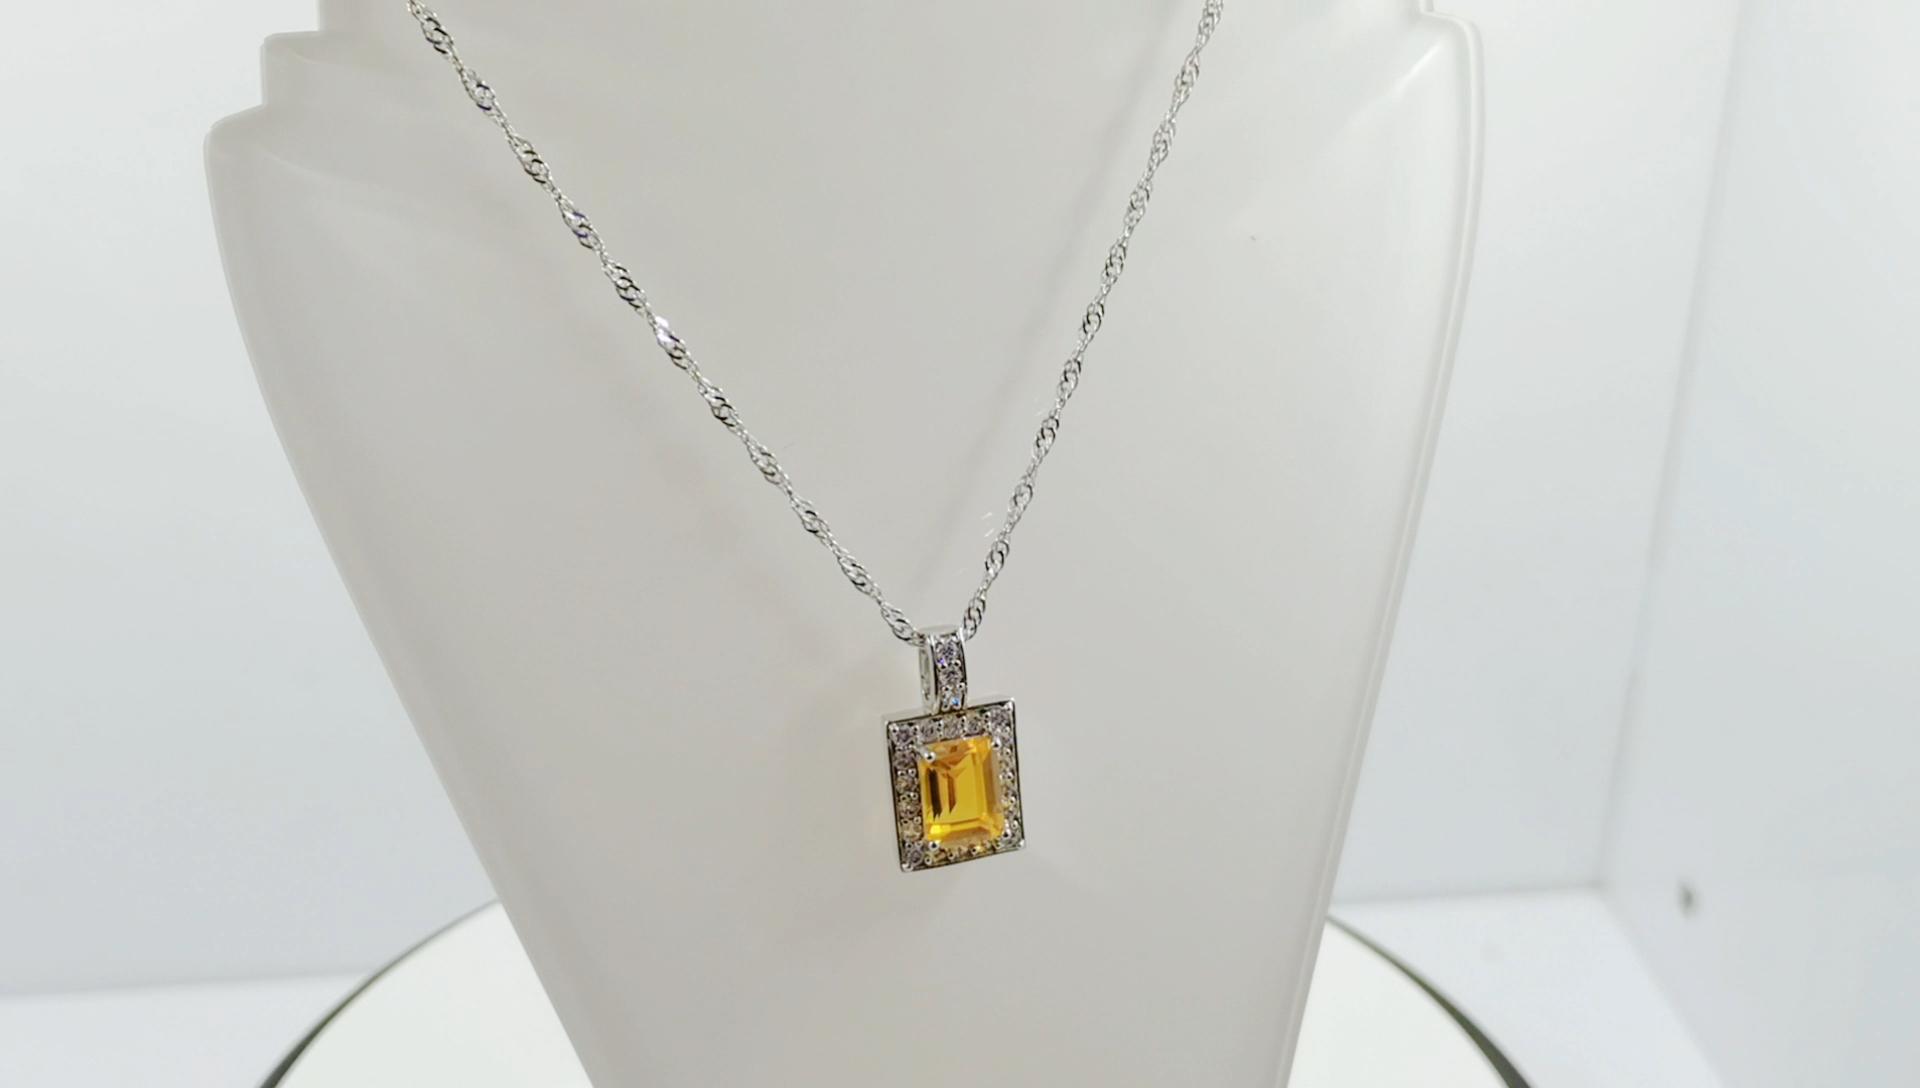 جديد وصول الفاخرة مجوهرات مخصصة 925 الفضة سلسلة نسائية قطع مربع أصفر الشفاء كريستال قلادة